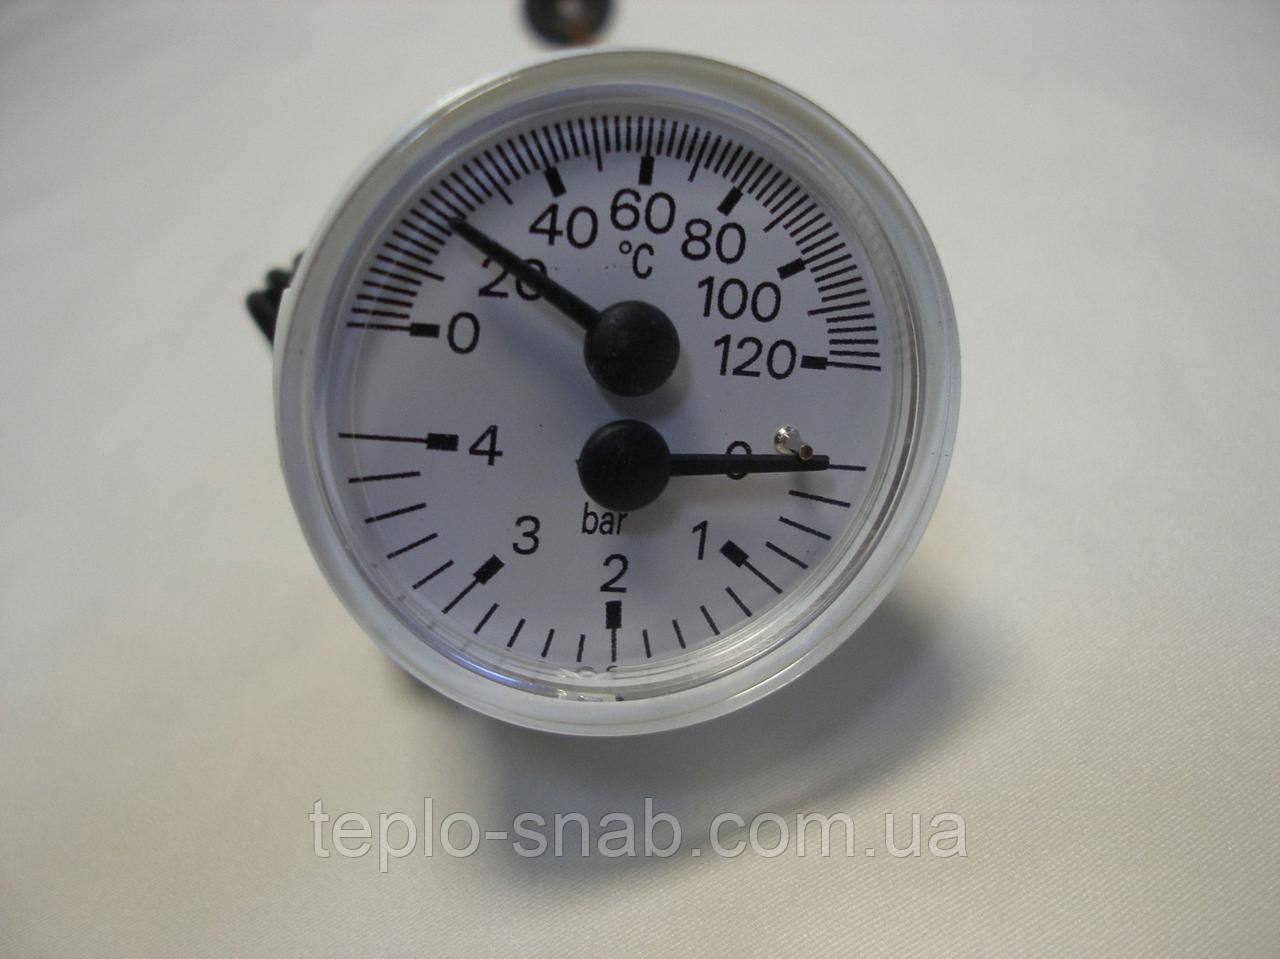 Термоманометр газового навесного котла Beretta City, City J. 20011061, R10030294